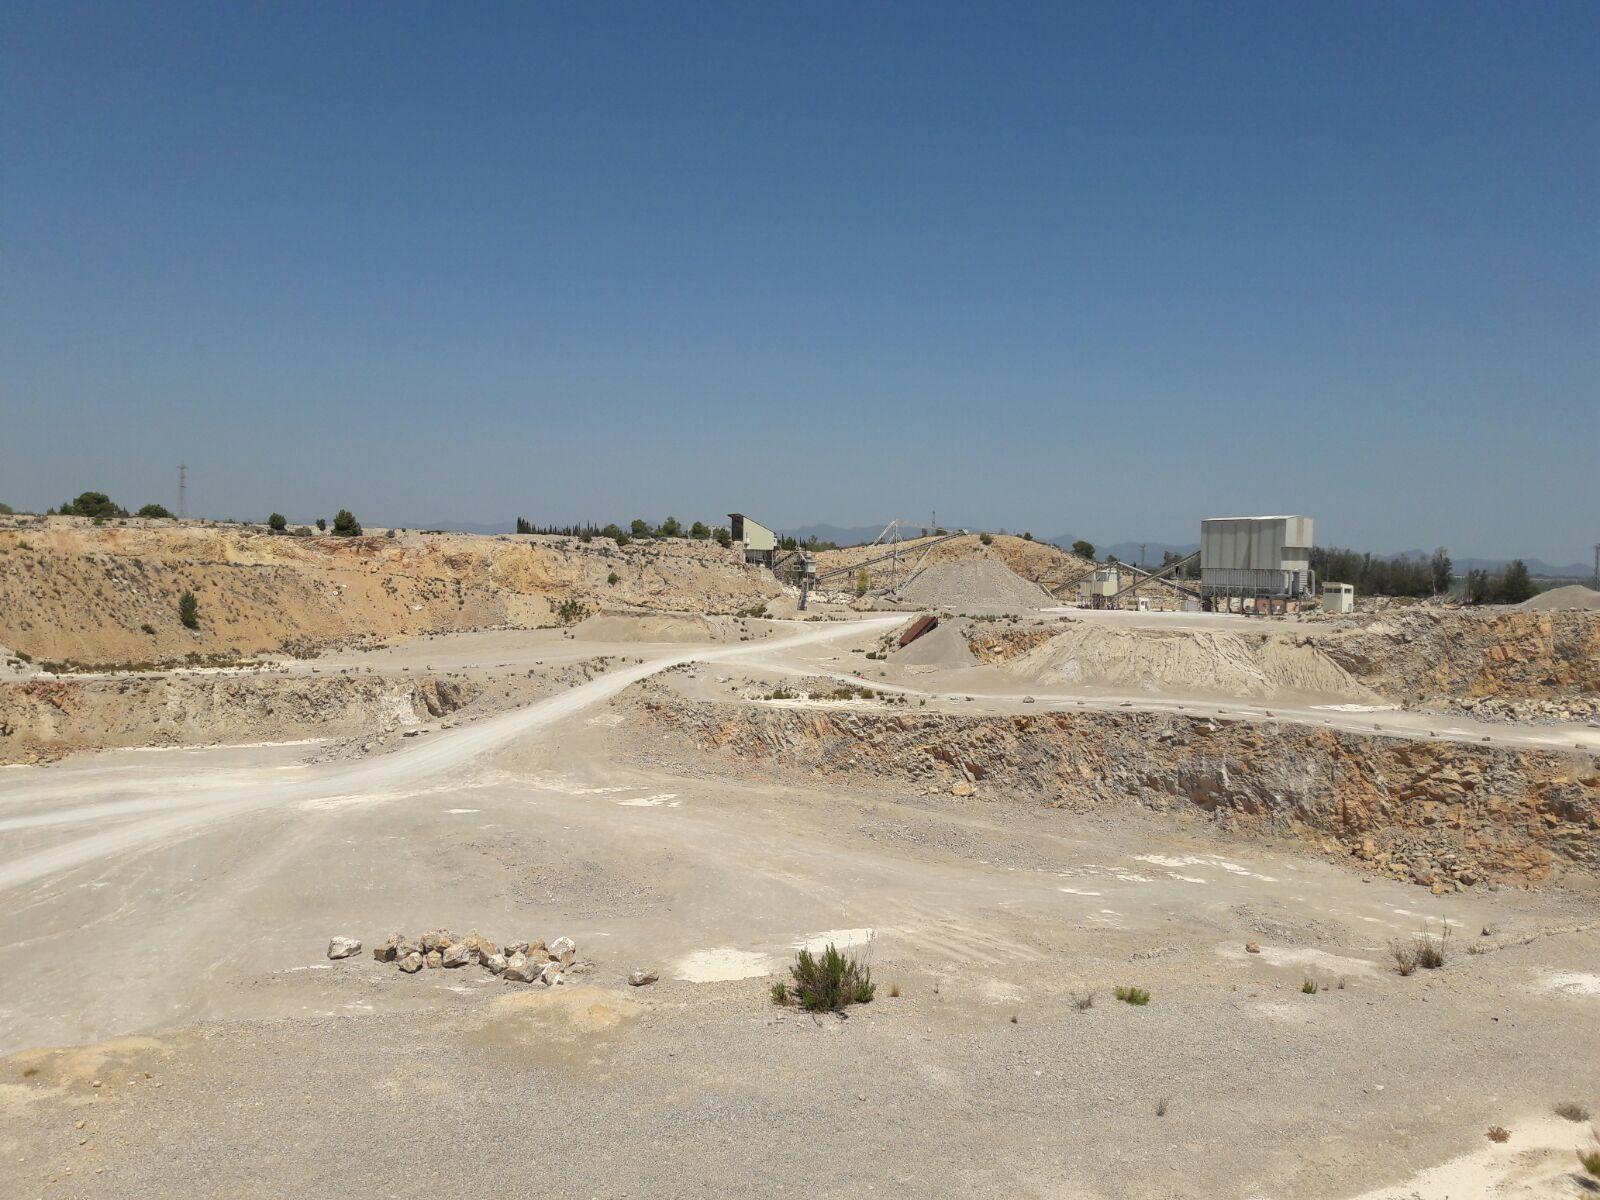 El pleno municipal denuncia el grave deterioro ambiental y paisajístico.